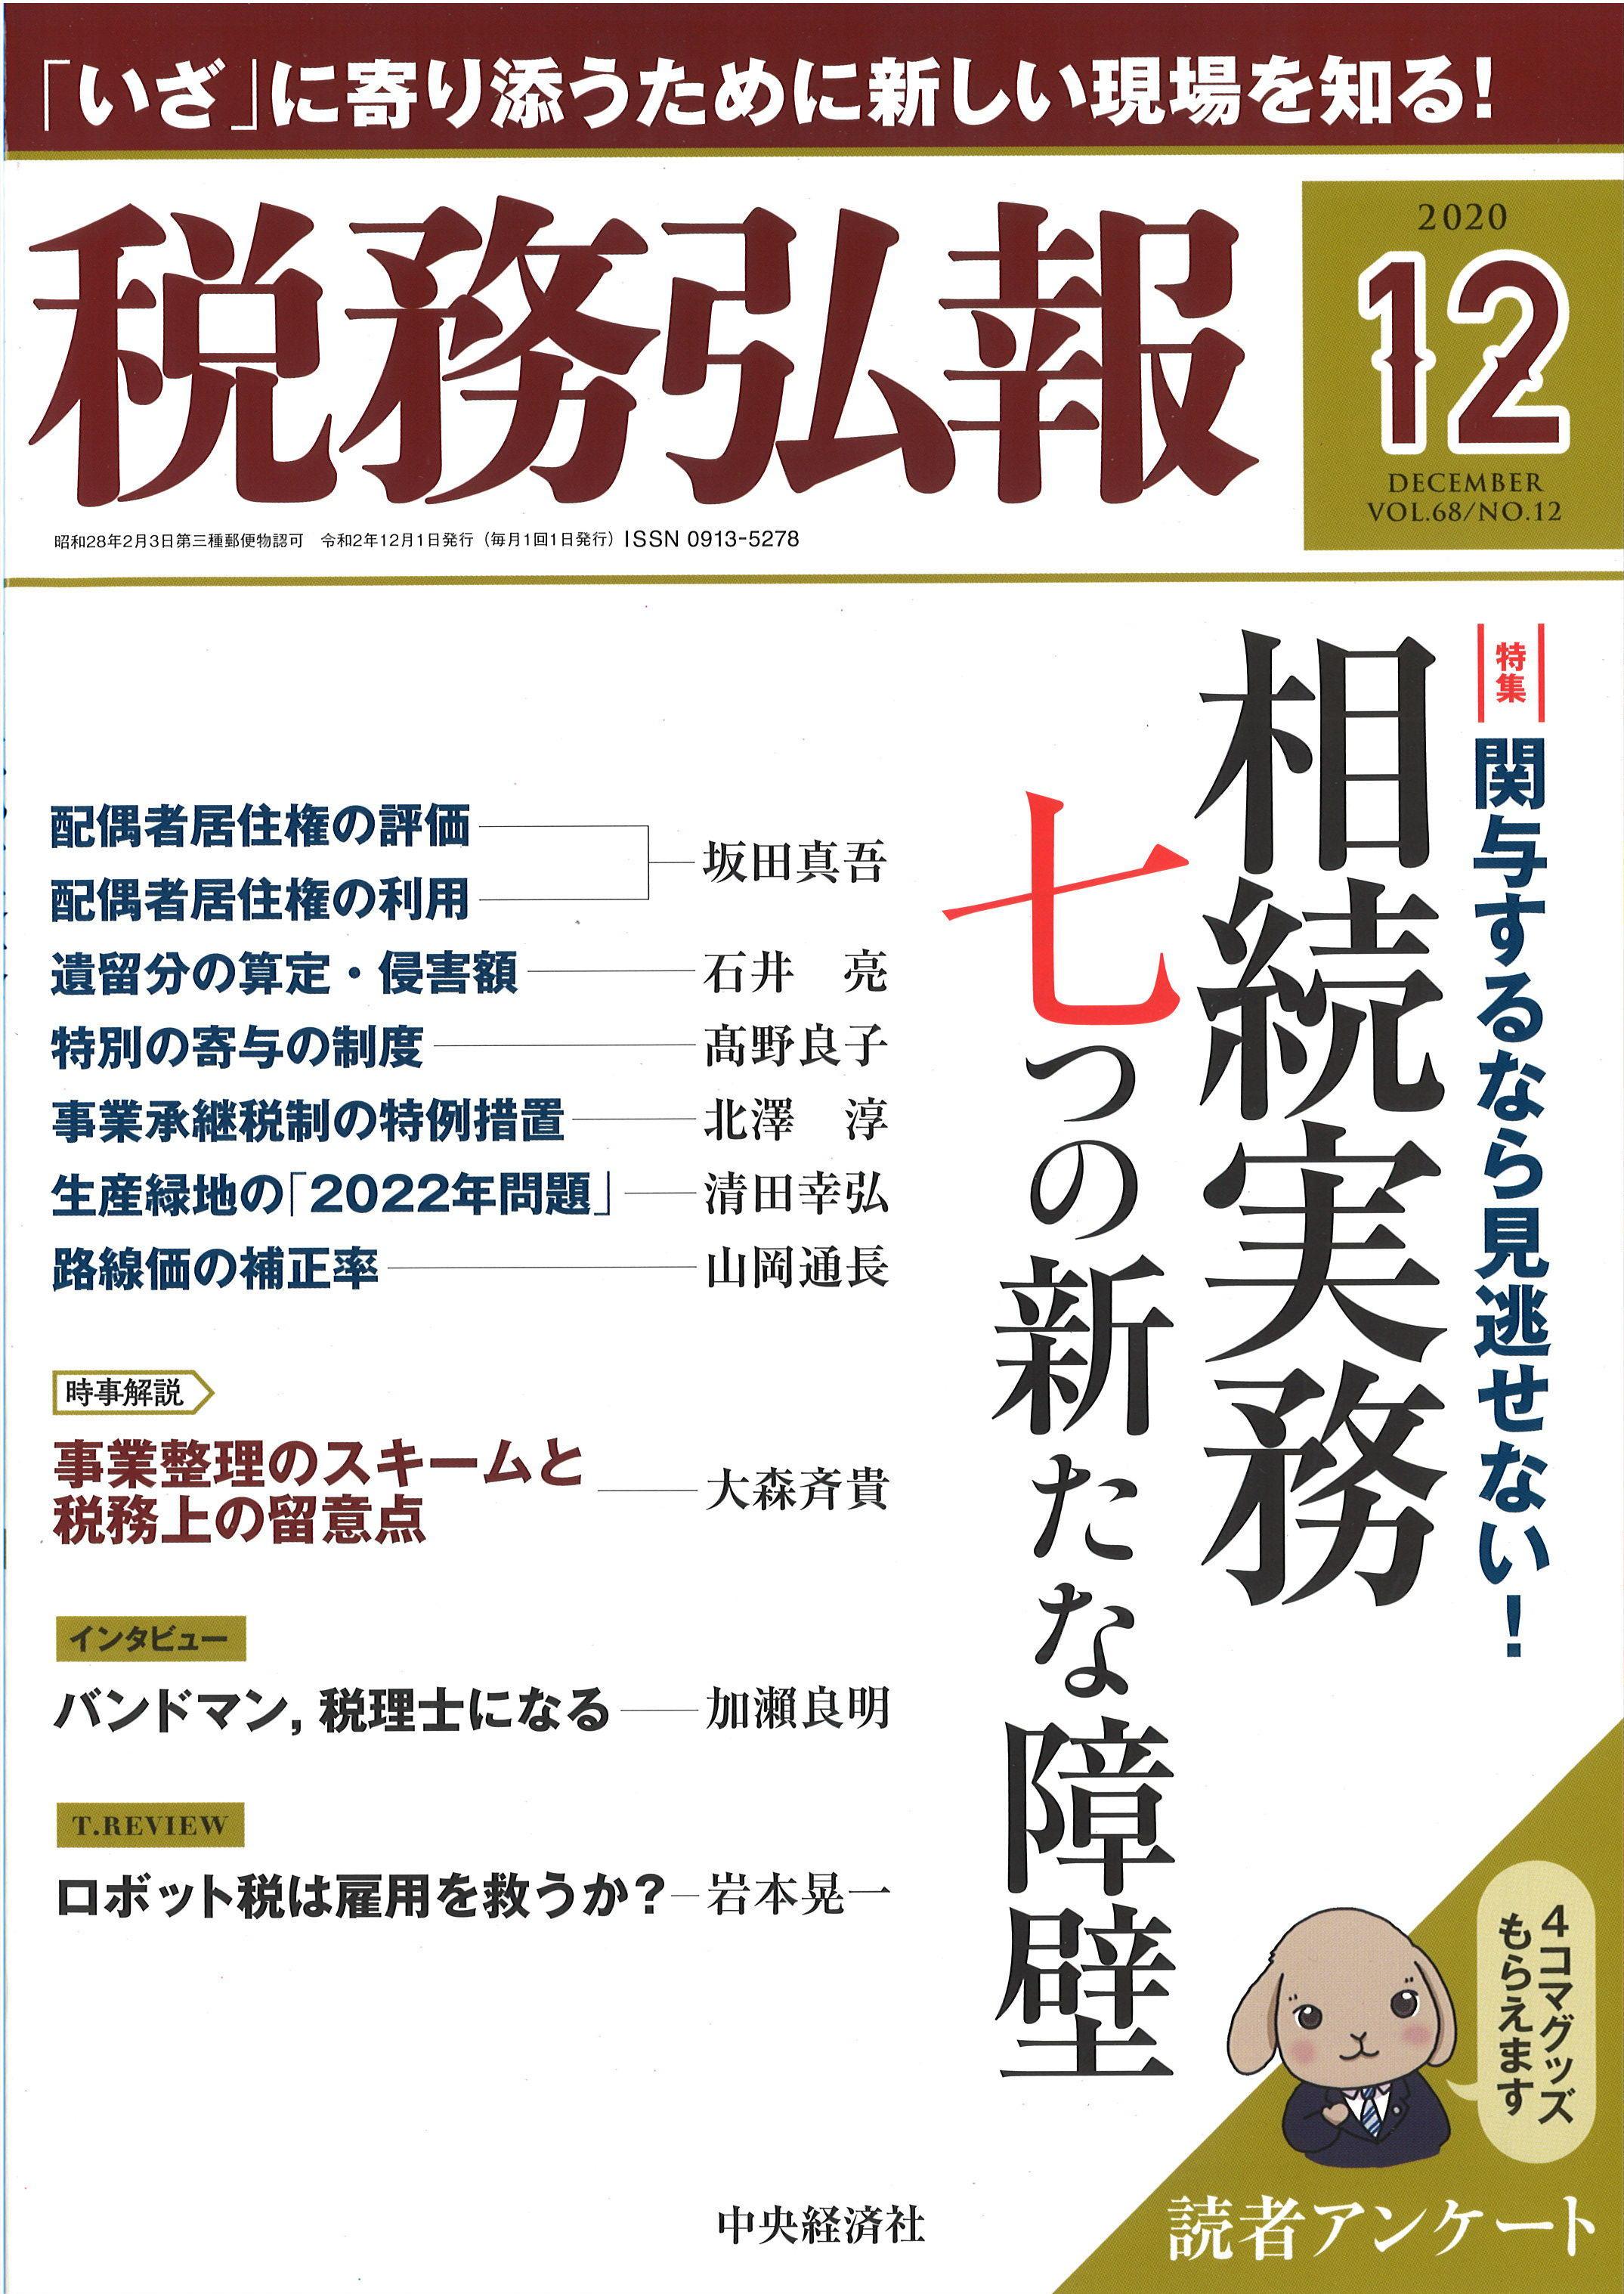 『税務弘報』2020年12月号